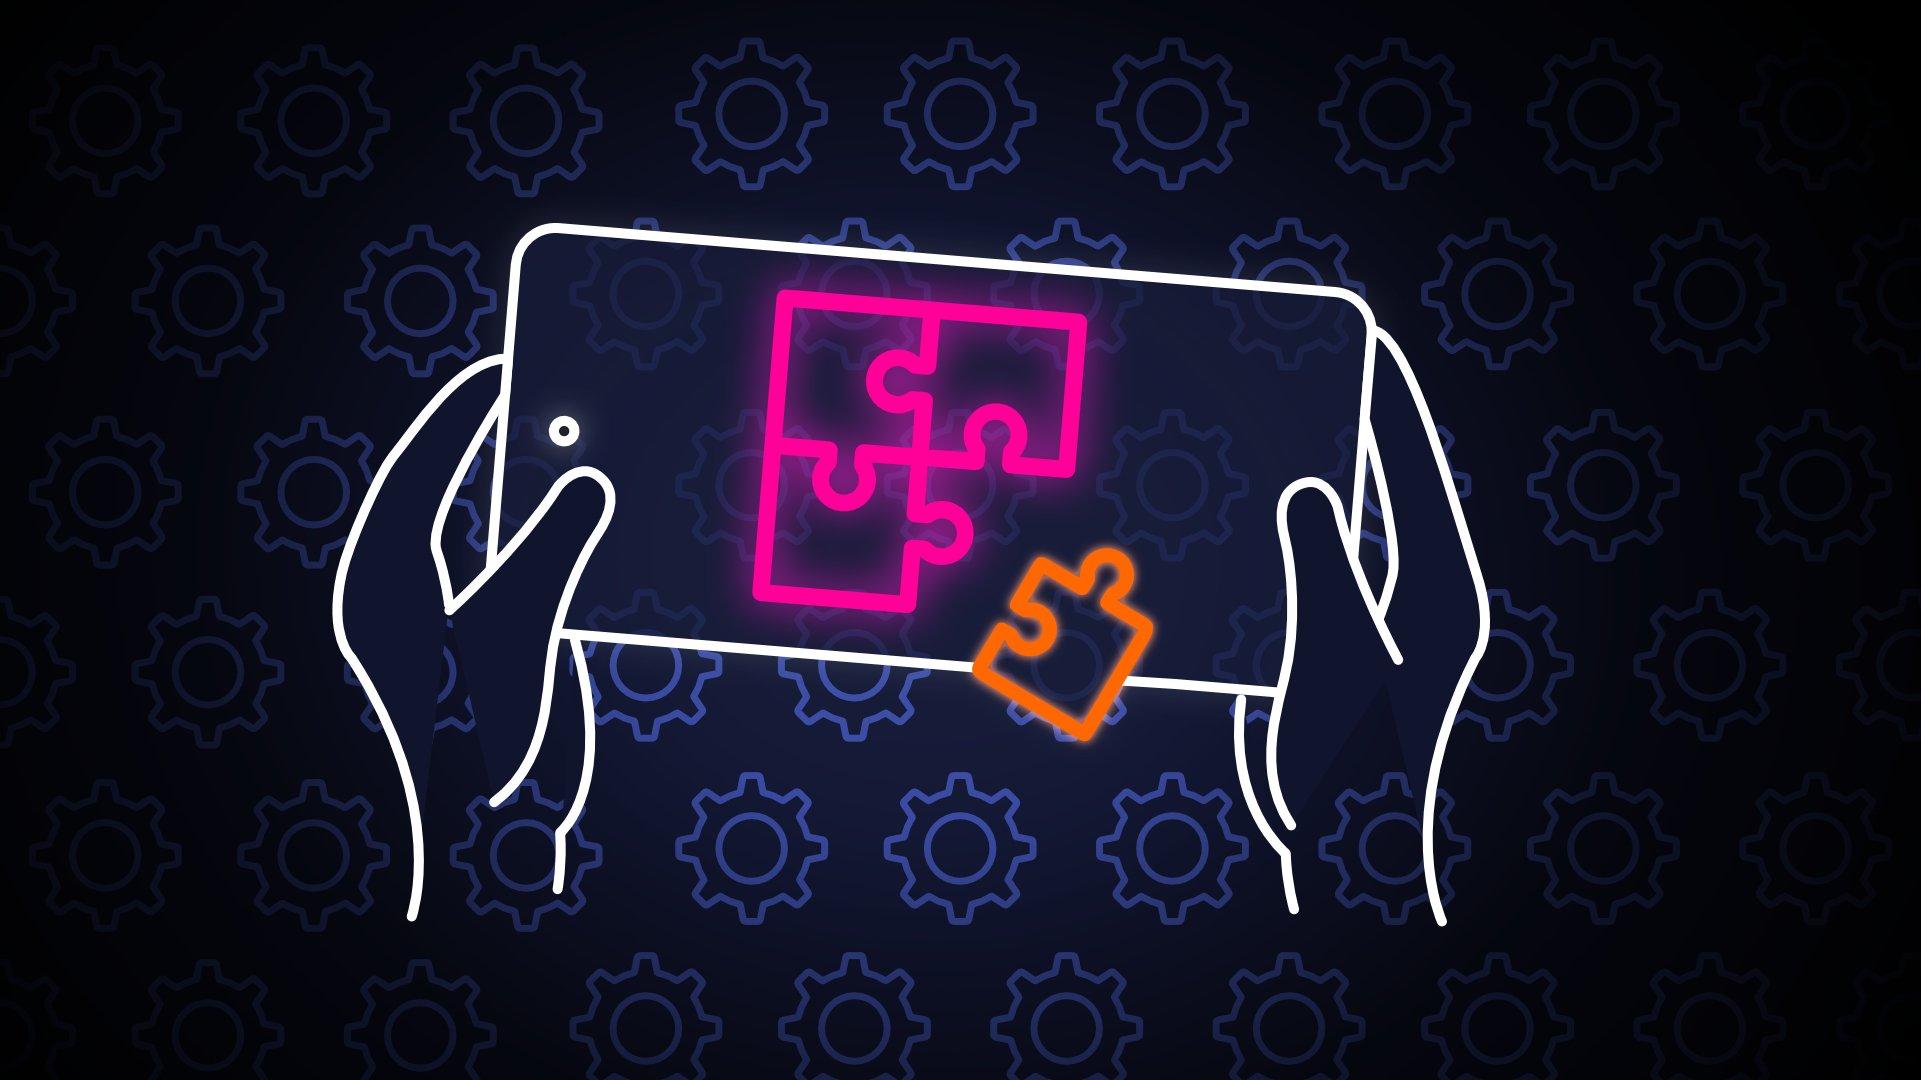 Les Meilleurs Jeux De Réflexion Gratuits Et Payants Sur Android encequiconcerne Jeu Garcon 4 Ans Gratuit